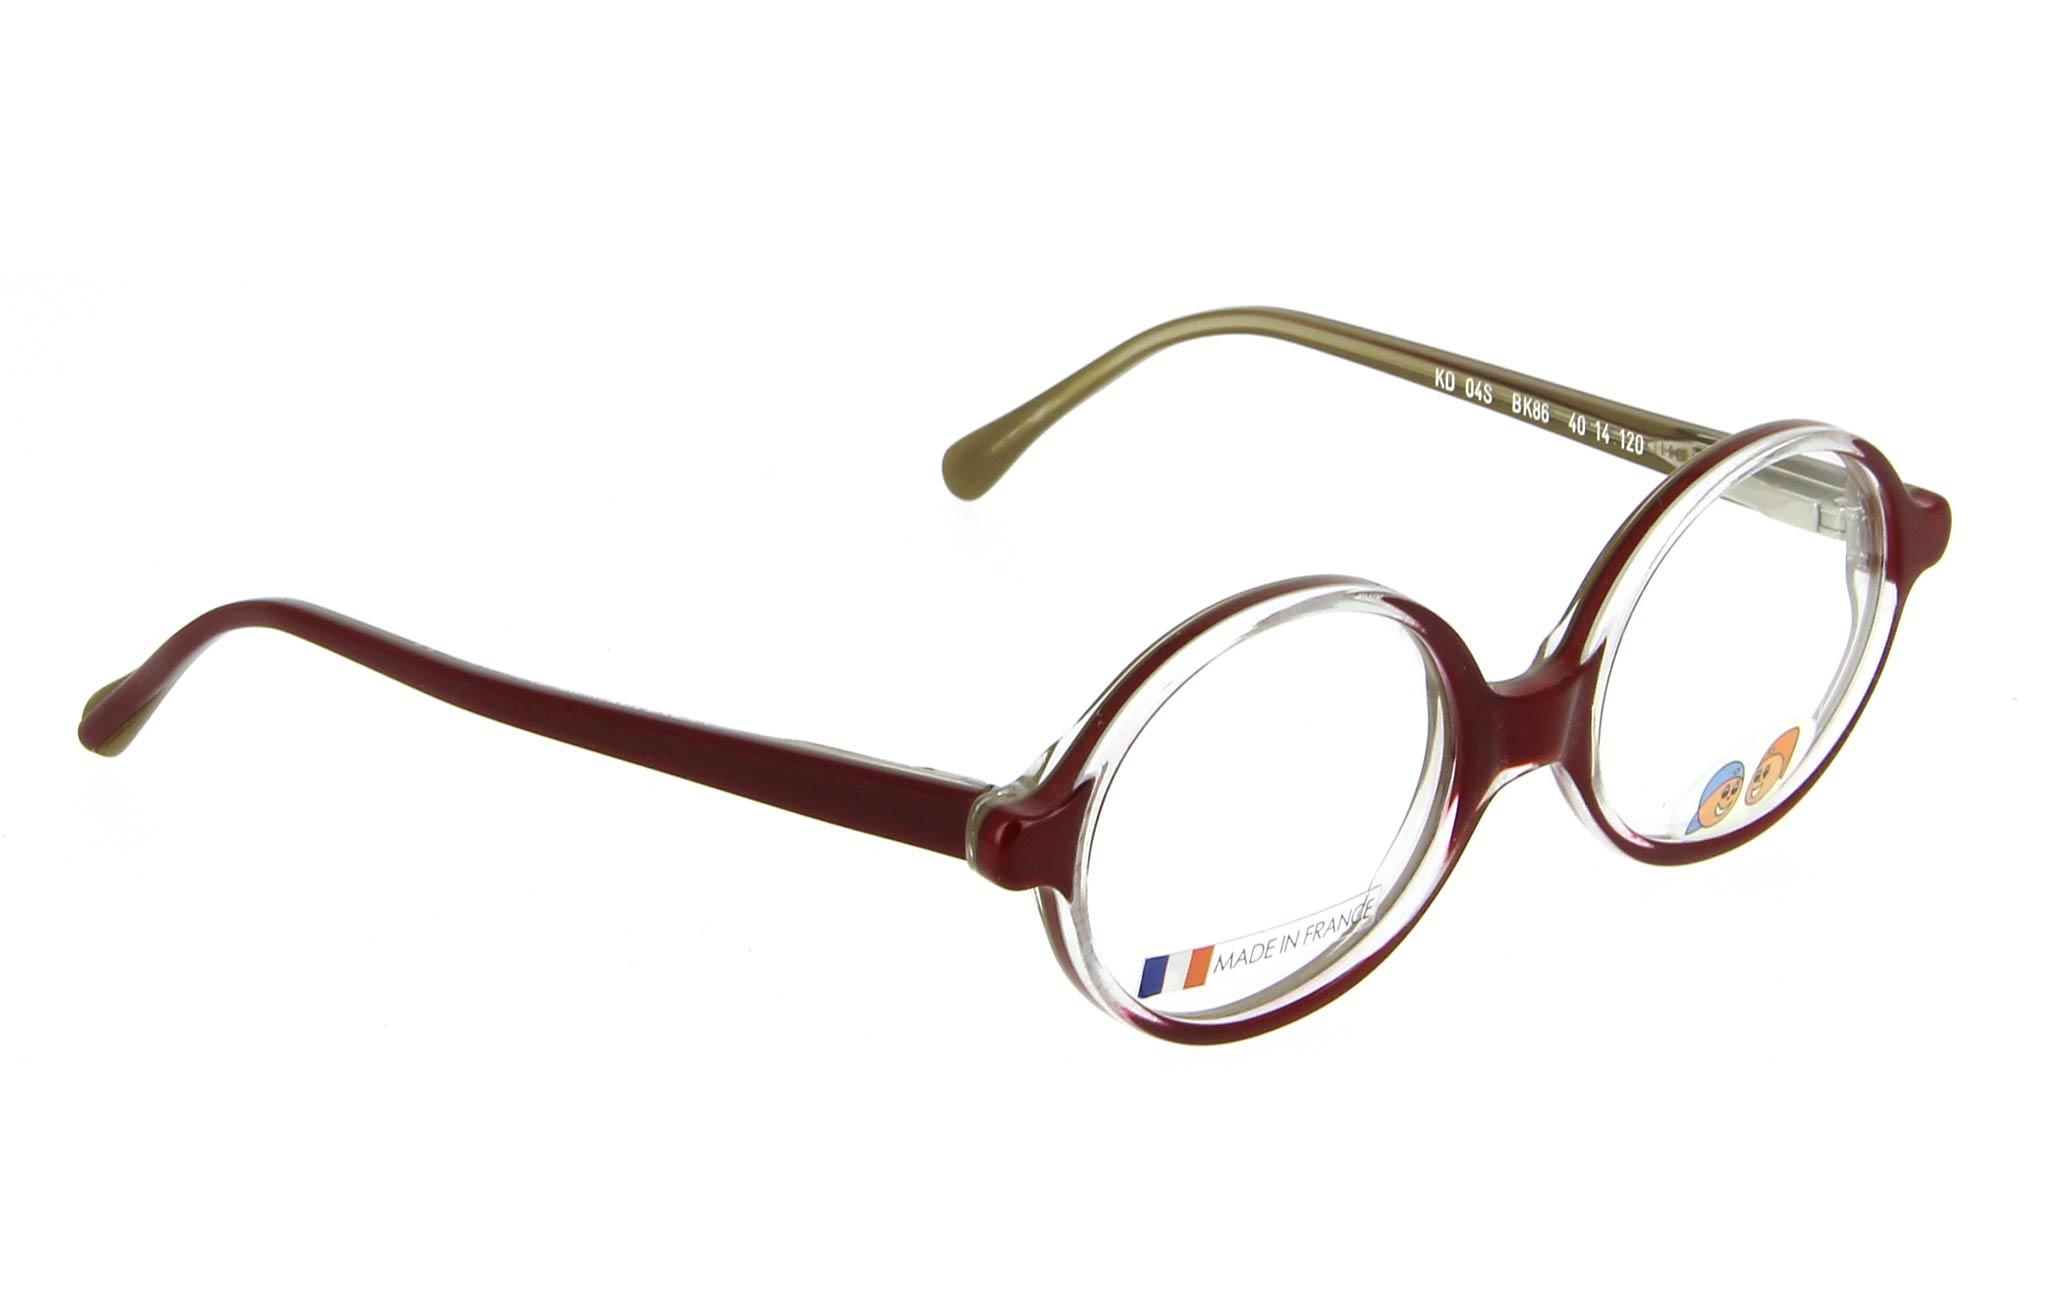 lunettes enfant pitchounes kd 04s bk86 bordeaux